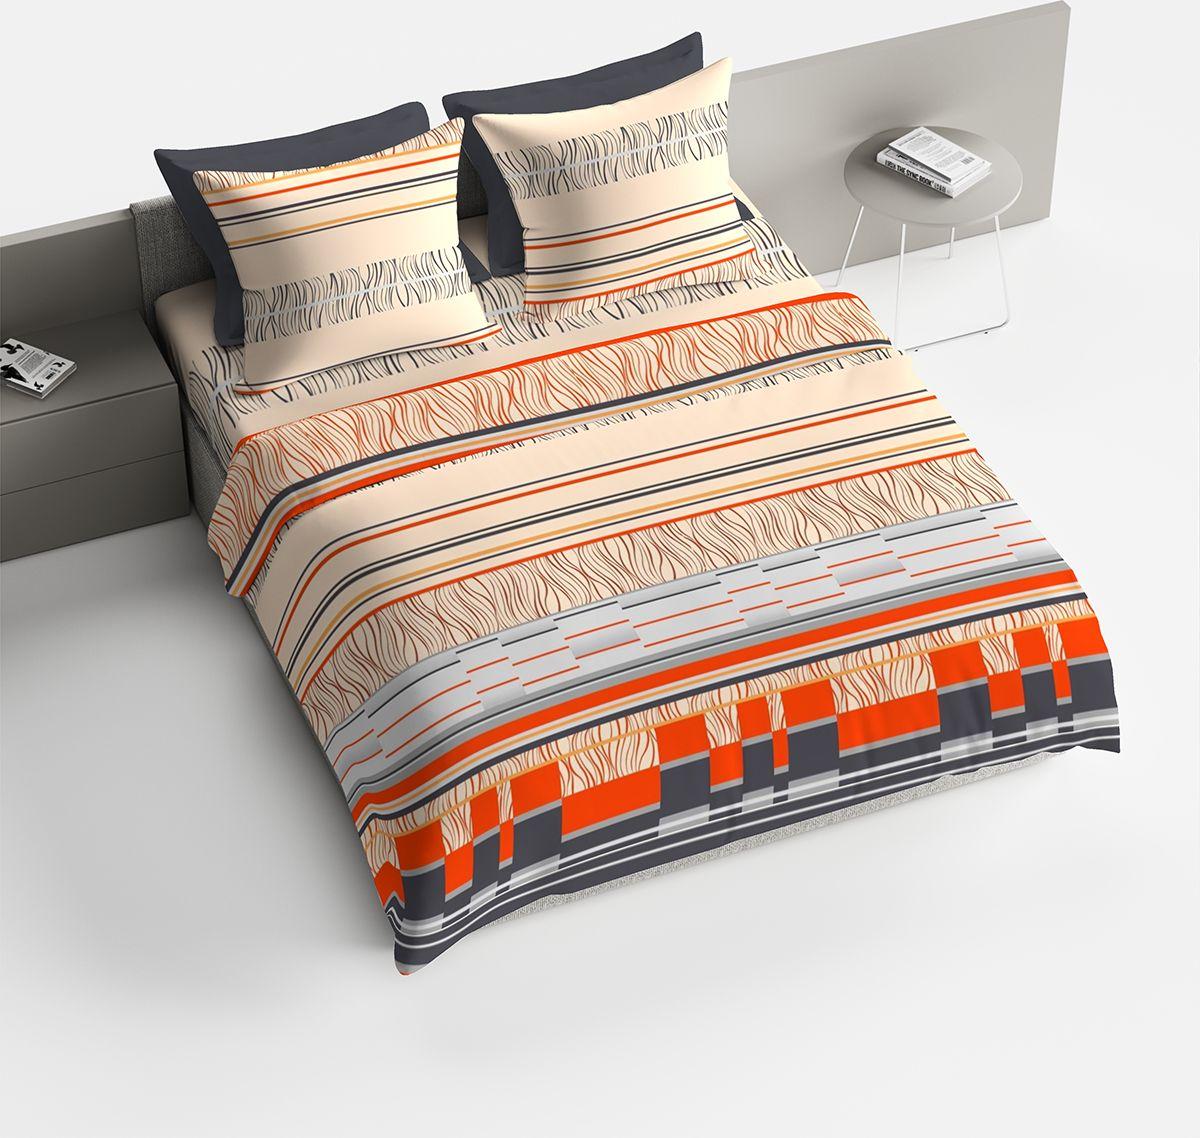 Комплект белья Браво Манфредо, евро, наволочки 70x70, цвет: оранжевый. 4075-187744